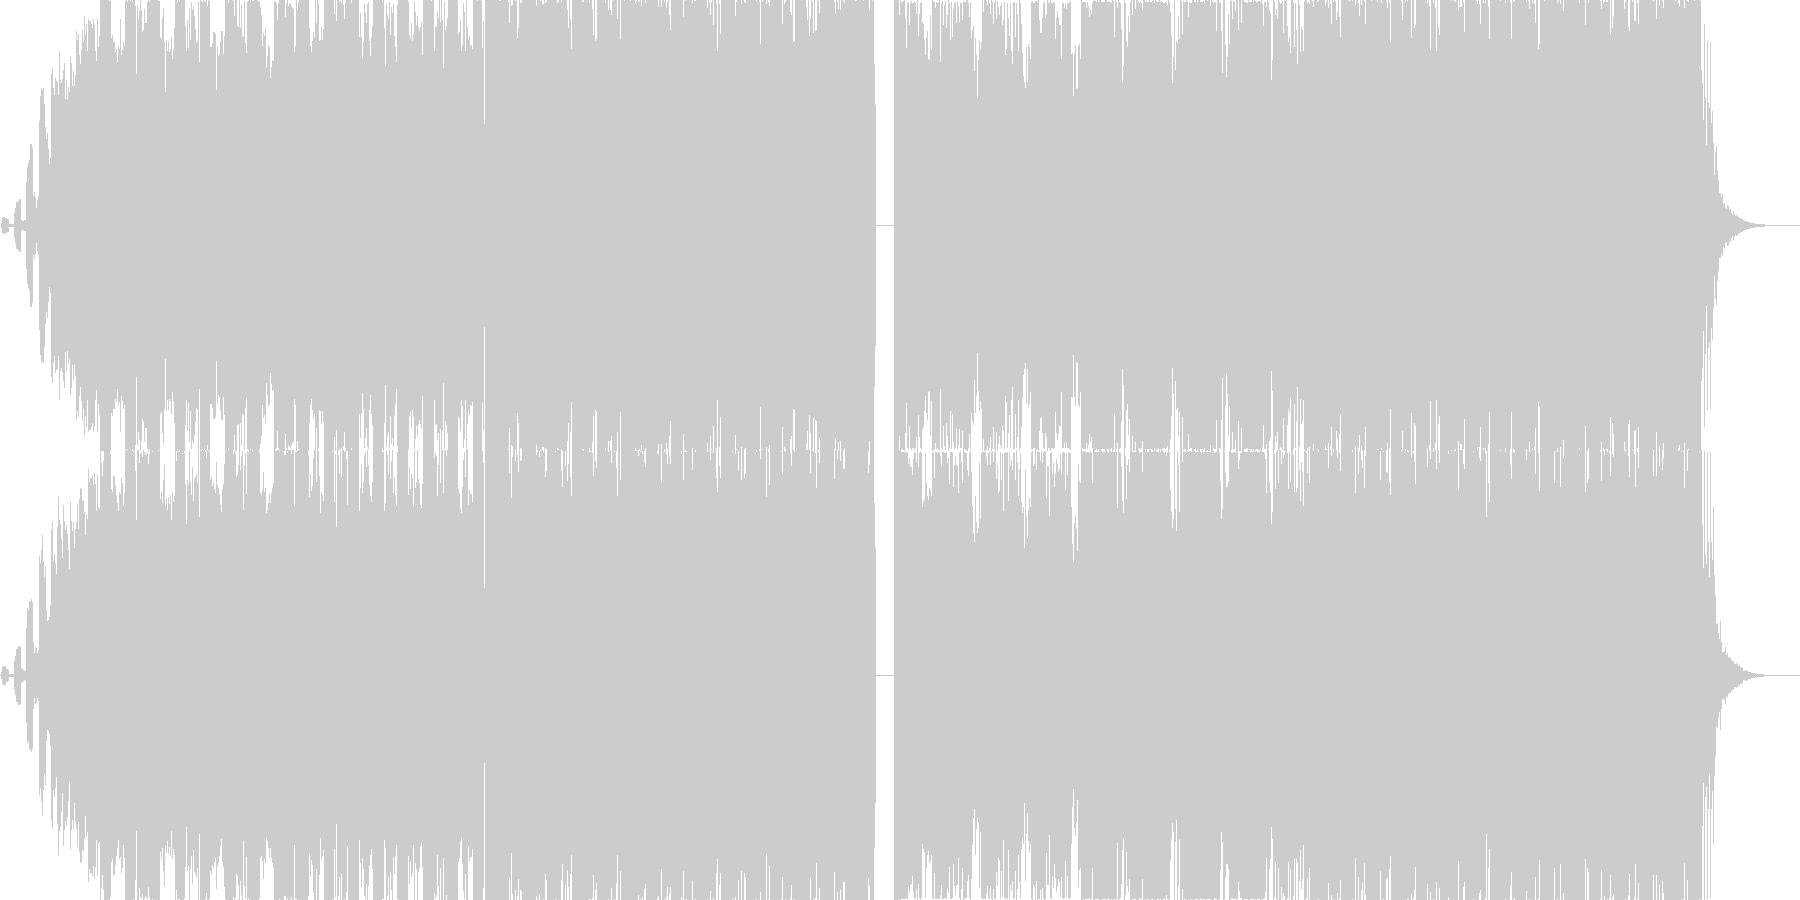 カッコ可愛いFutue Bass EDMの未再生の波形